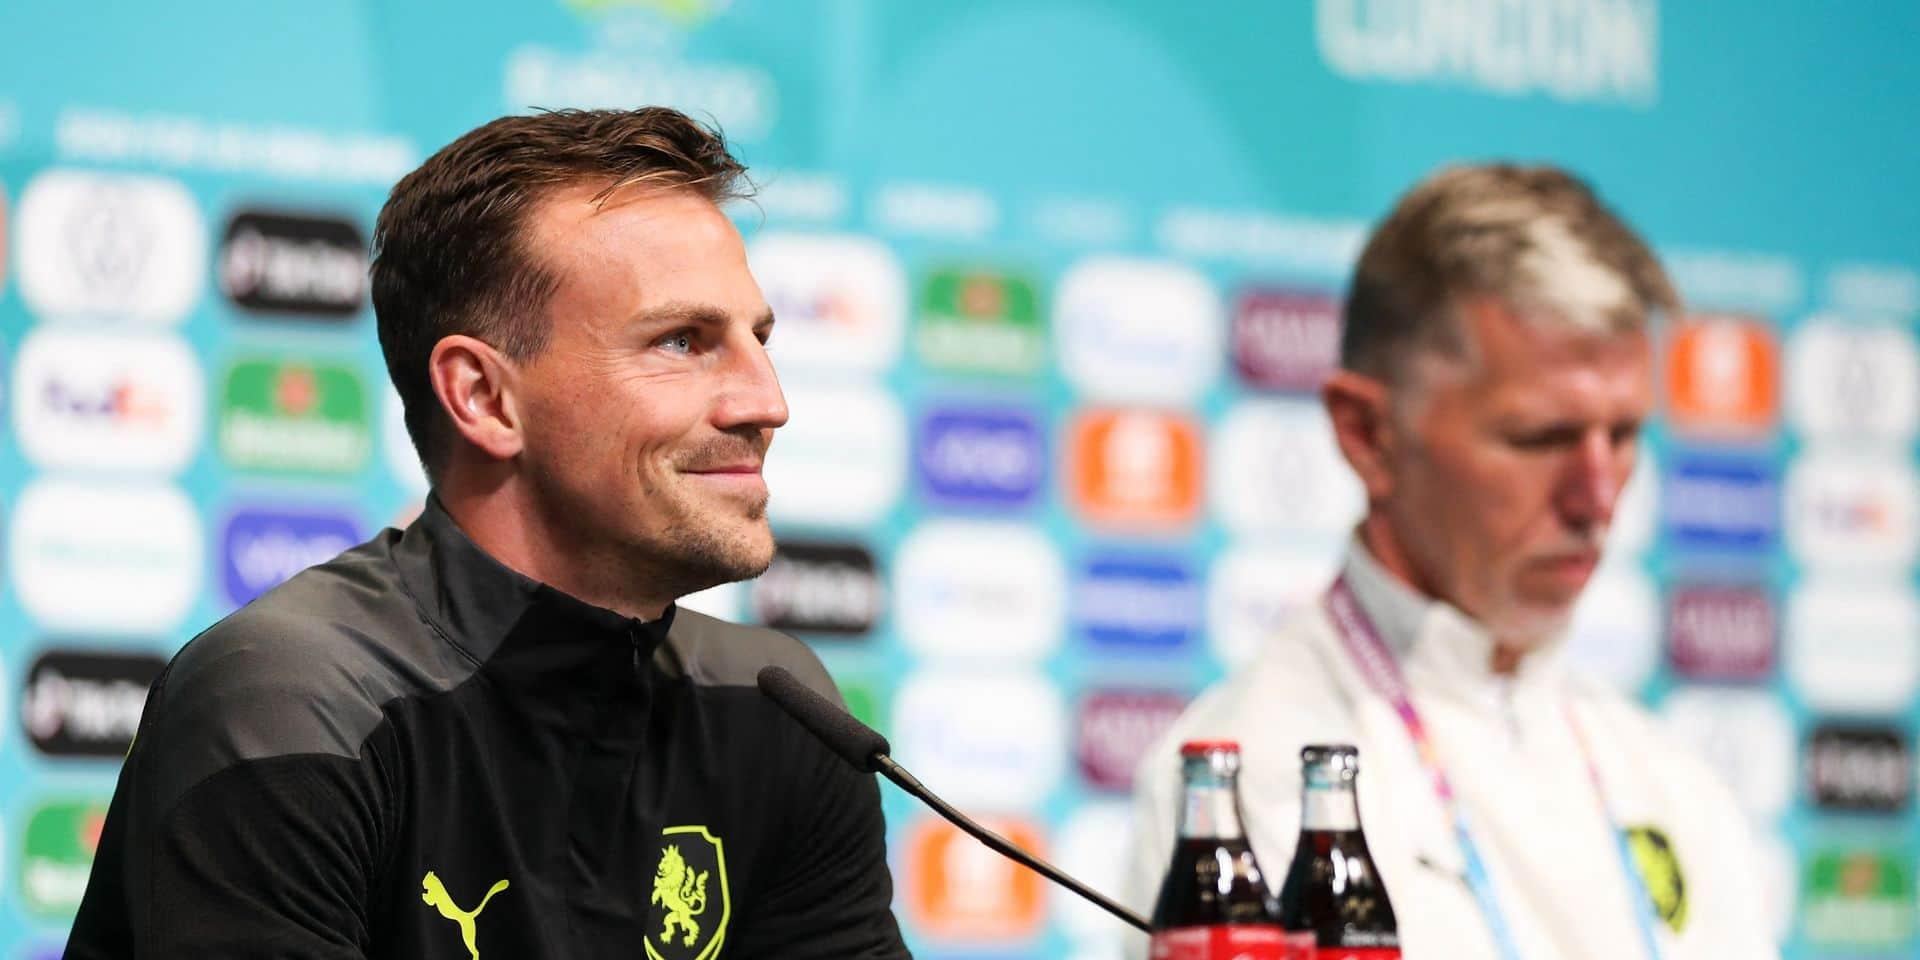 Le capitaine tchèque Darida annonce sa retraite internationale